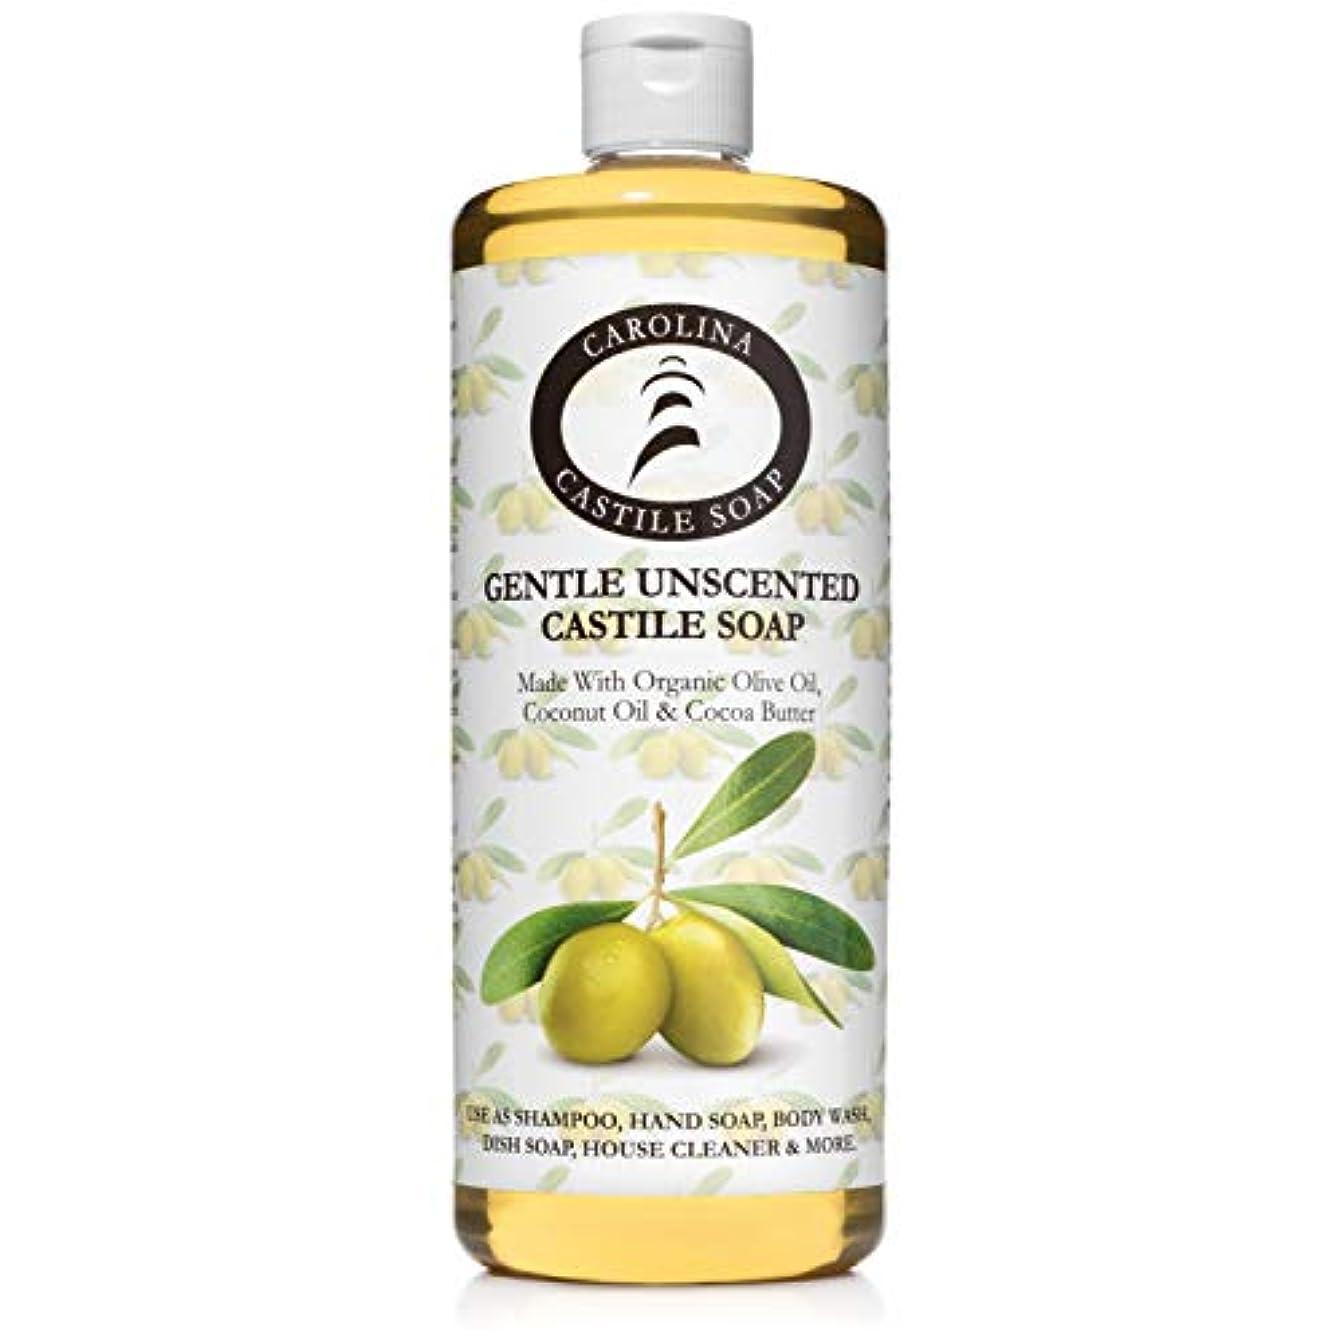 群れ原告不完全Carolina Castile Soap ジェントル無香料認定オーガニック 32オズ